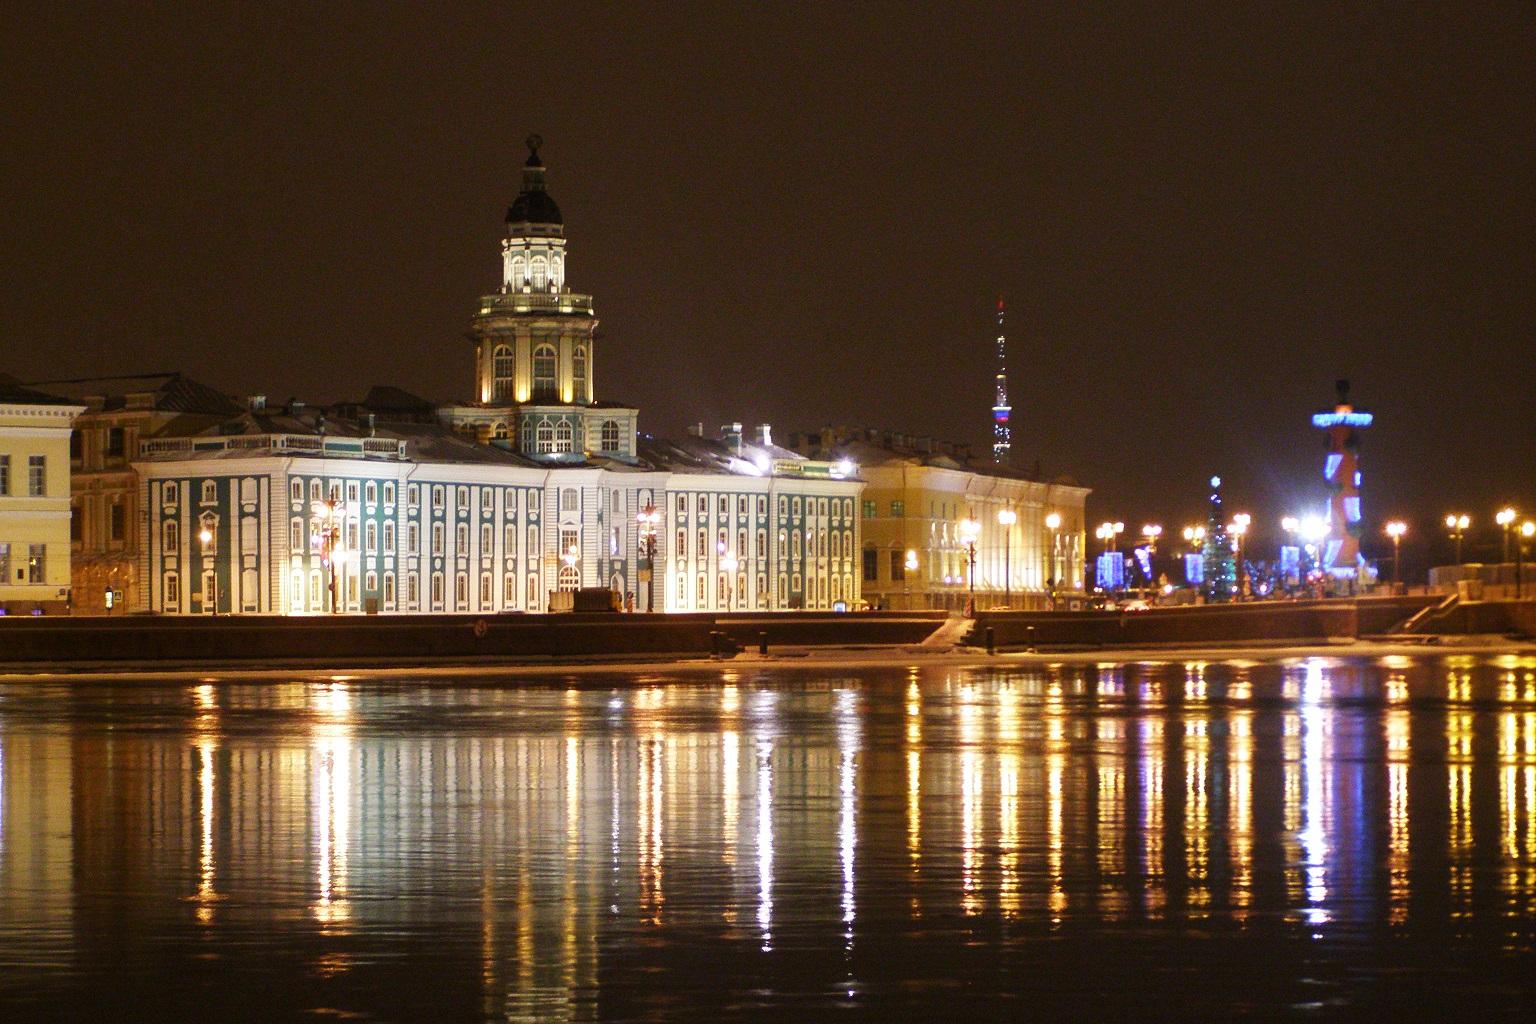 Кунсткамера вечером. Вид с Адмиралтейской набережной. Автор фото: Gef (Wikimedia Commons)